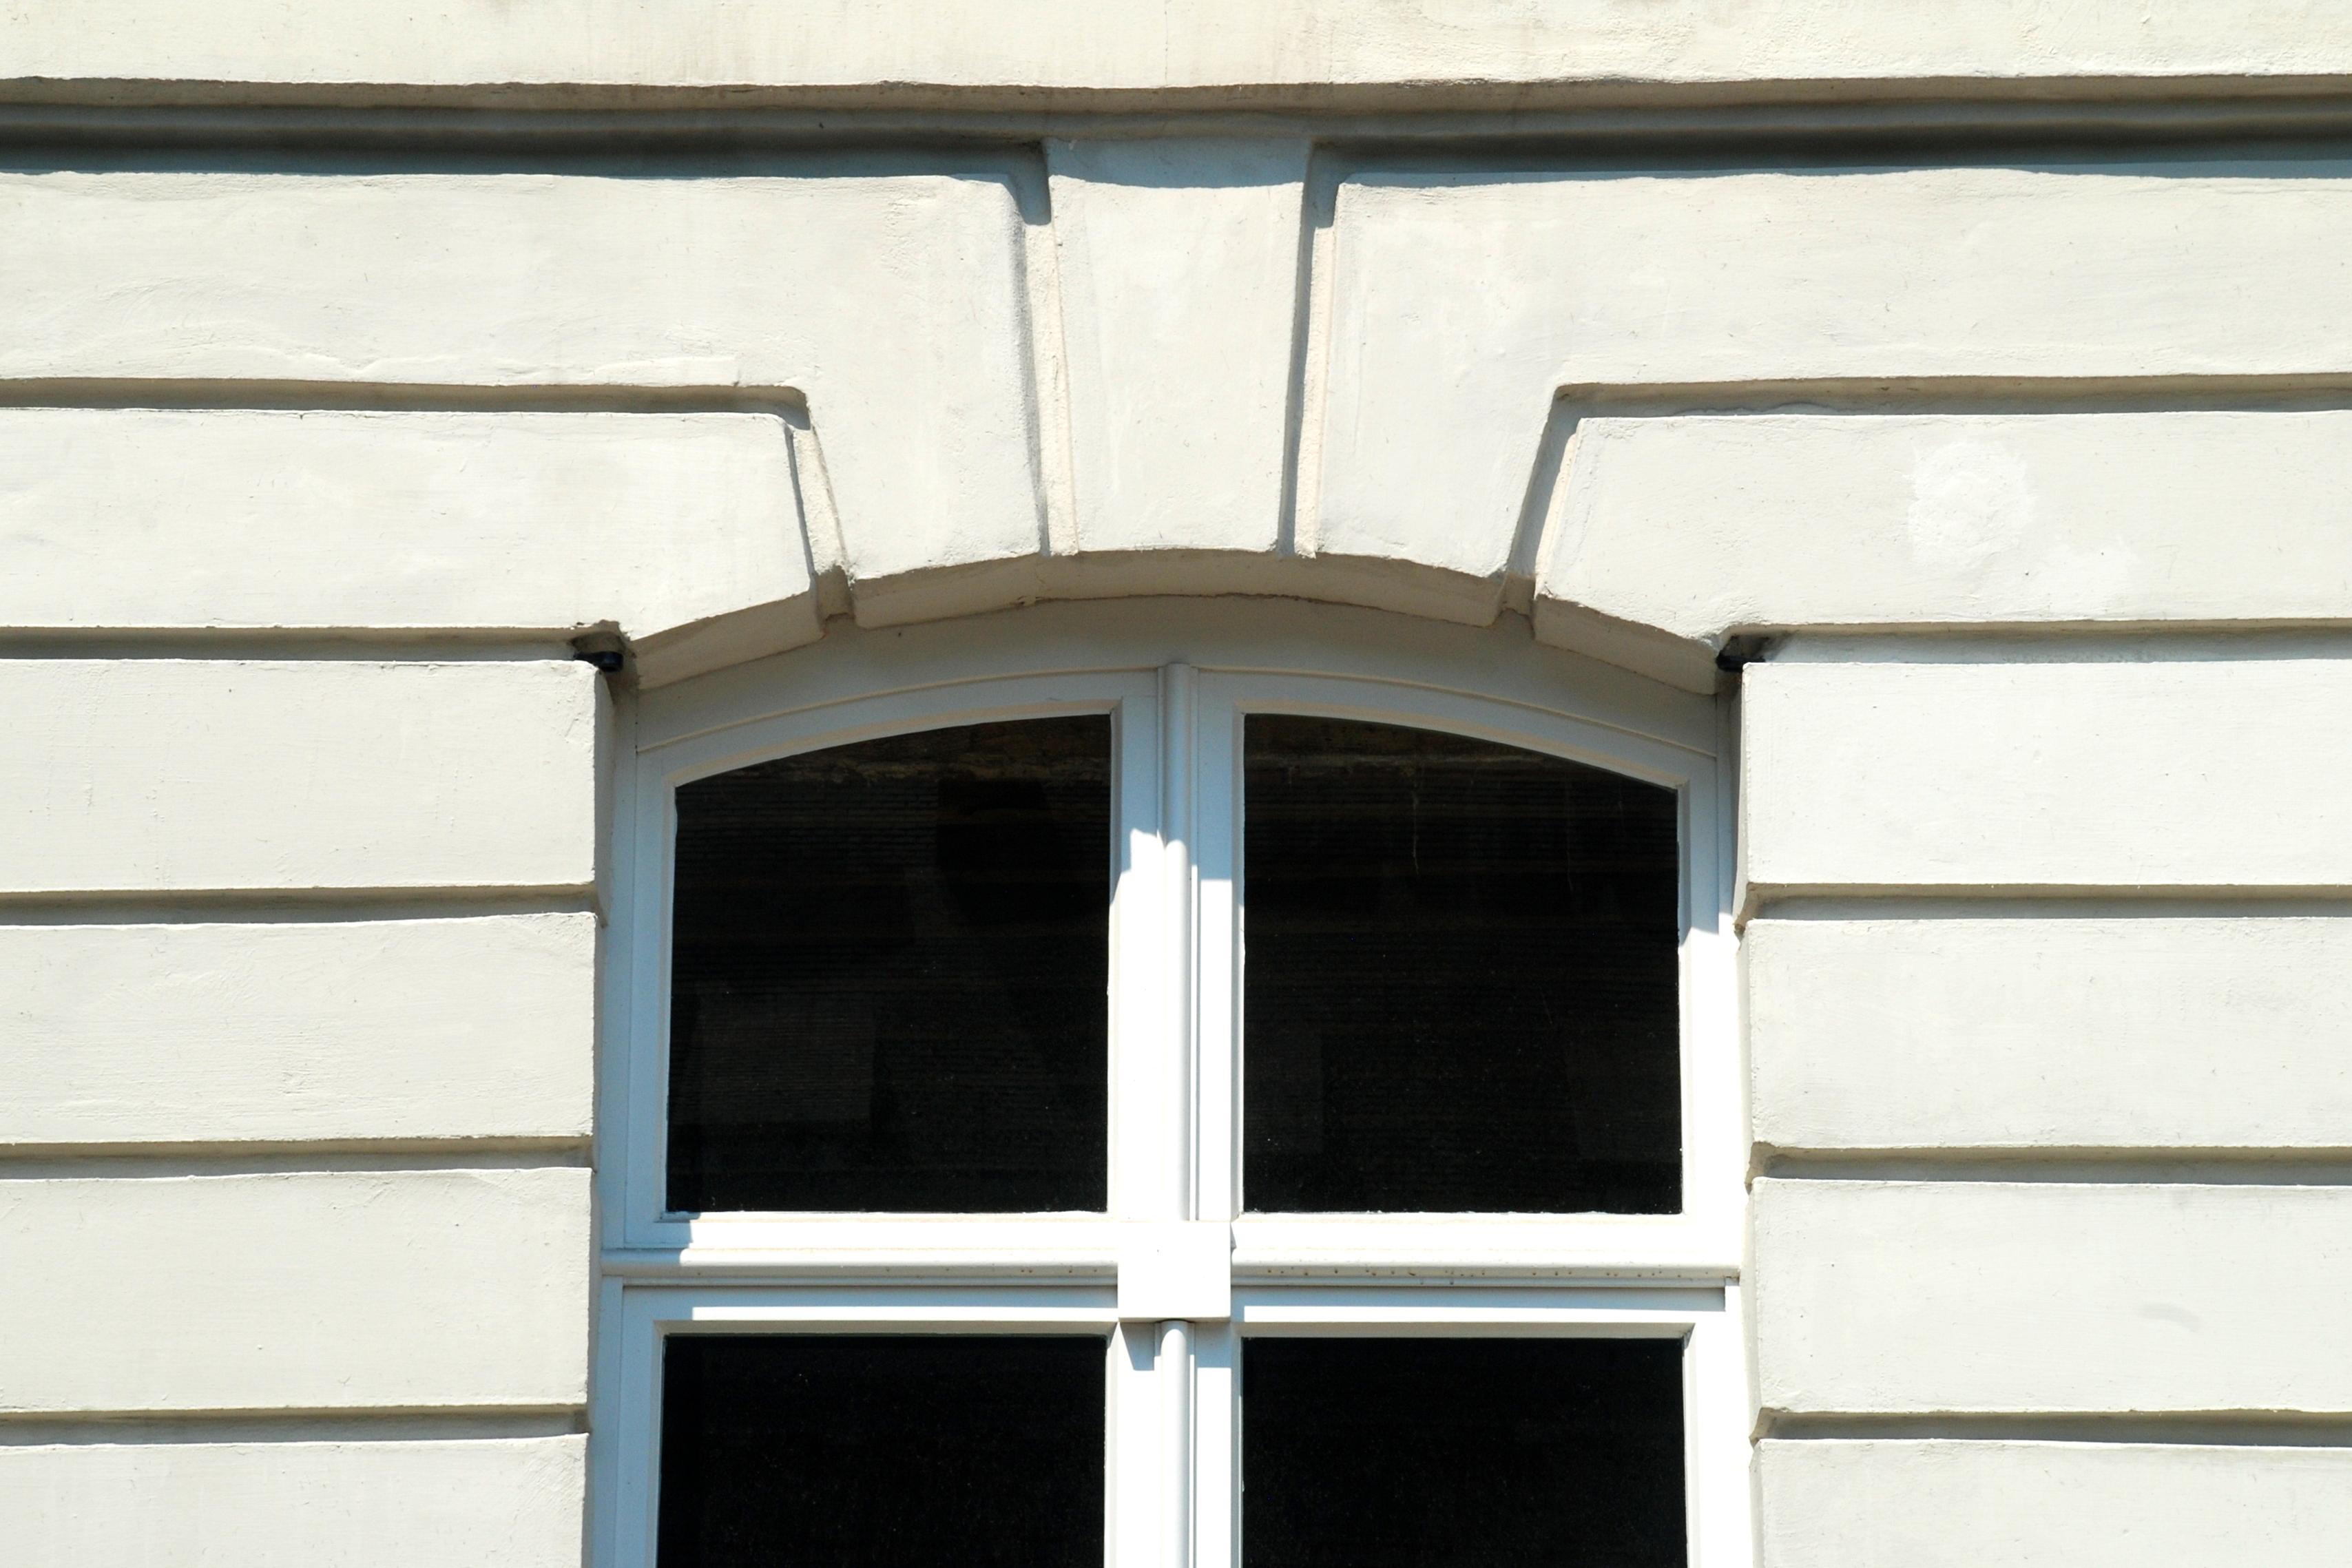 Linteau En Arc De Cercle arc surbaissé — wikipédia